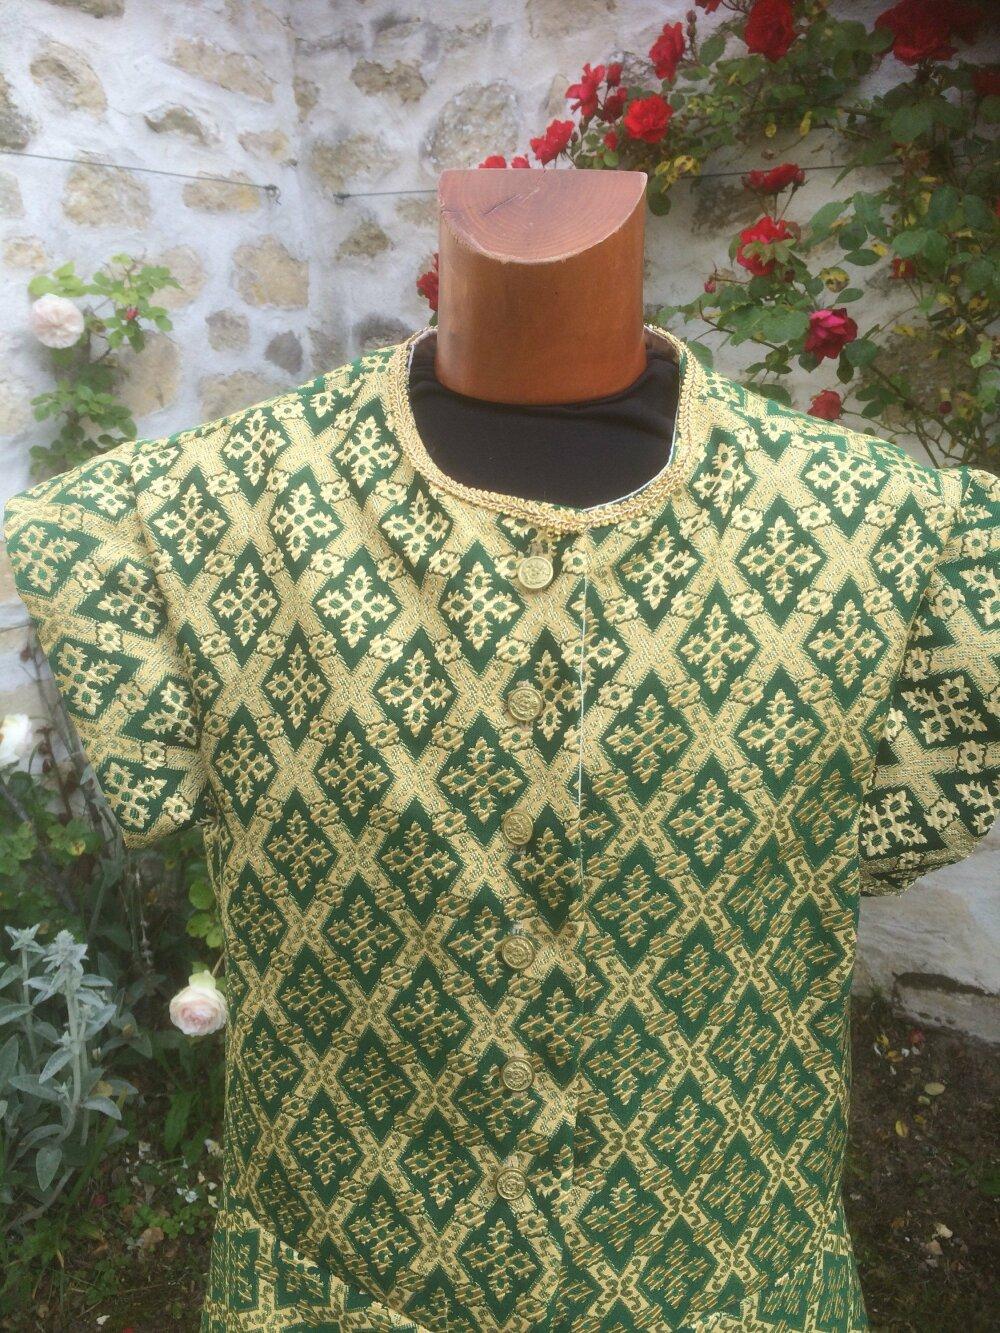 Pourpoint, veste homme pour noble médiéval, vert et doré